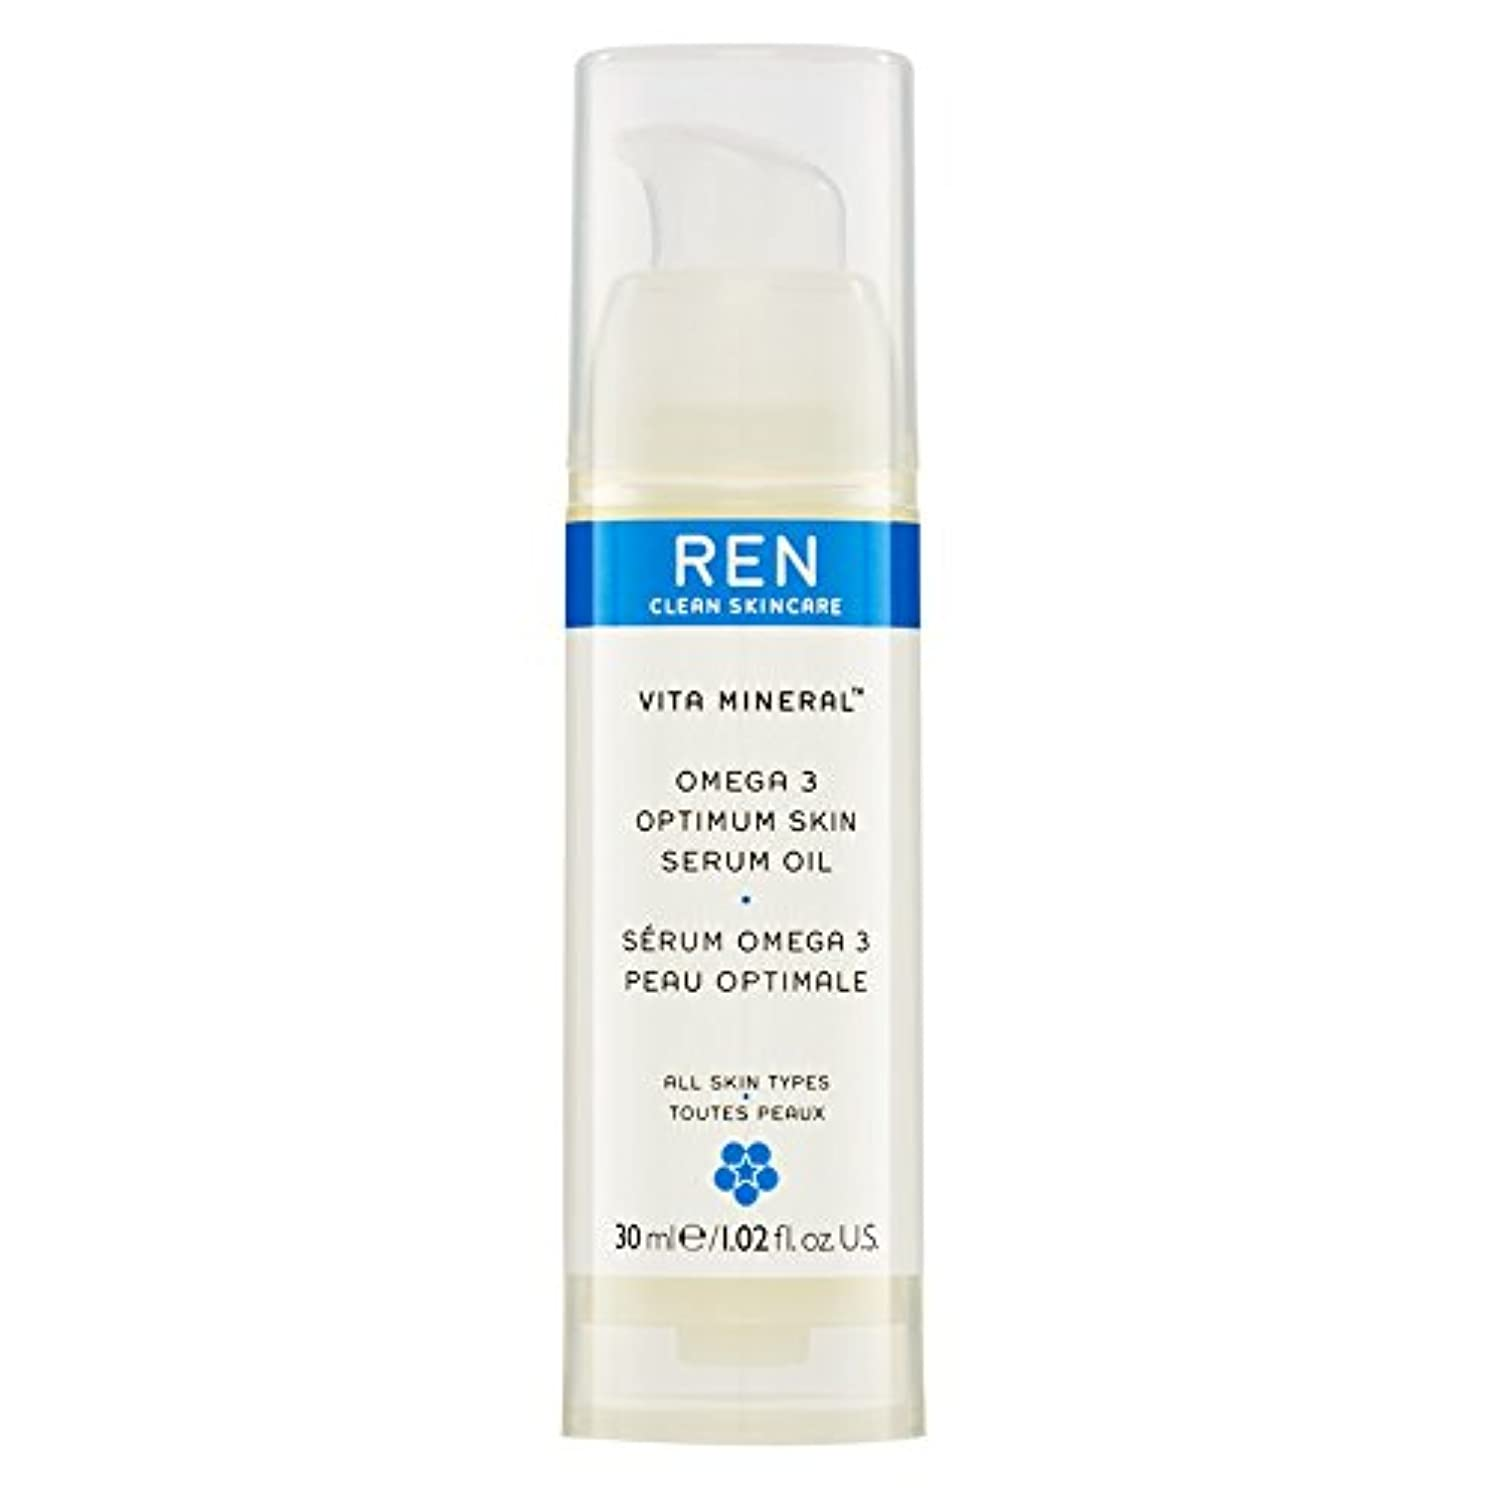 産地軽減する協会Renヴィータミネラル?オメガ3の最適な肌の血清オイル30ミリリットル (REN) (x6) - REN Vita Mineral? Omega 3 Optimum Skin Serum Oil 30ml (Pack of 6) [並行輸入品]